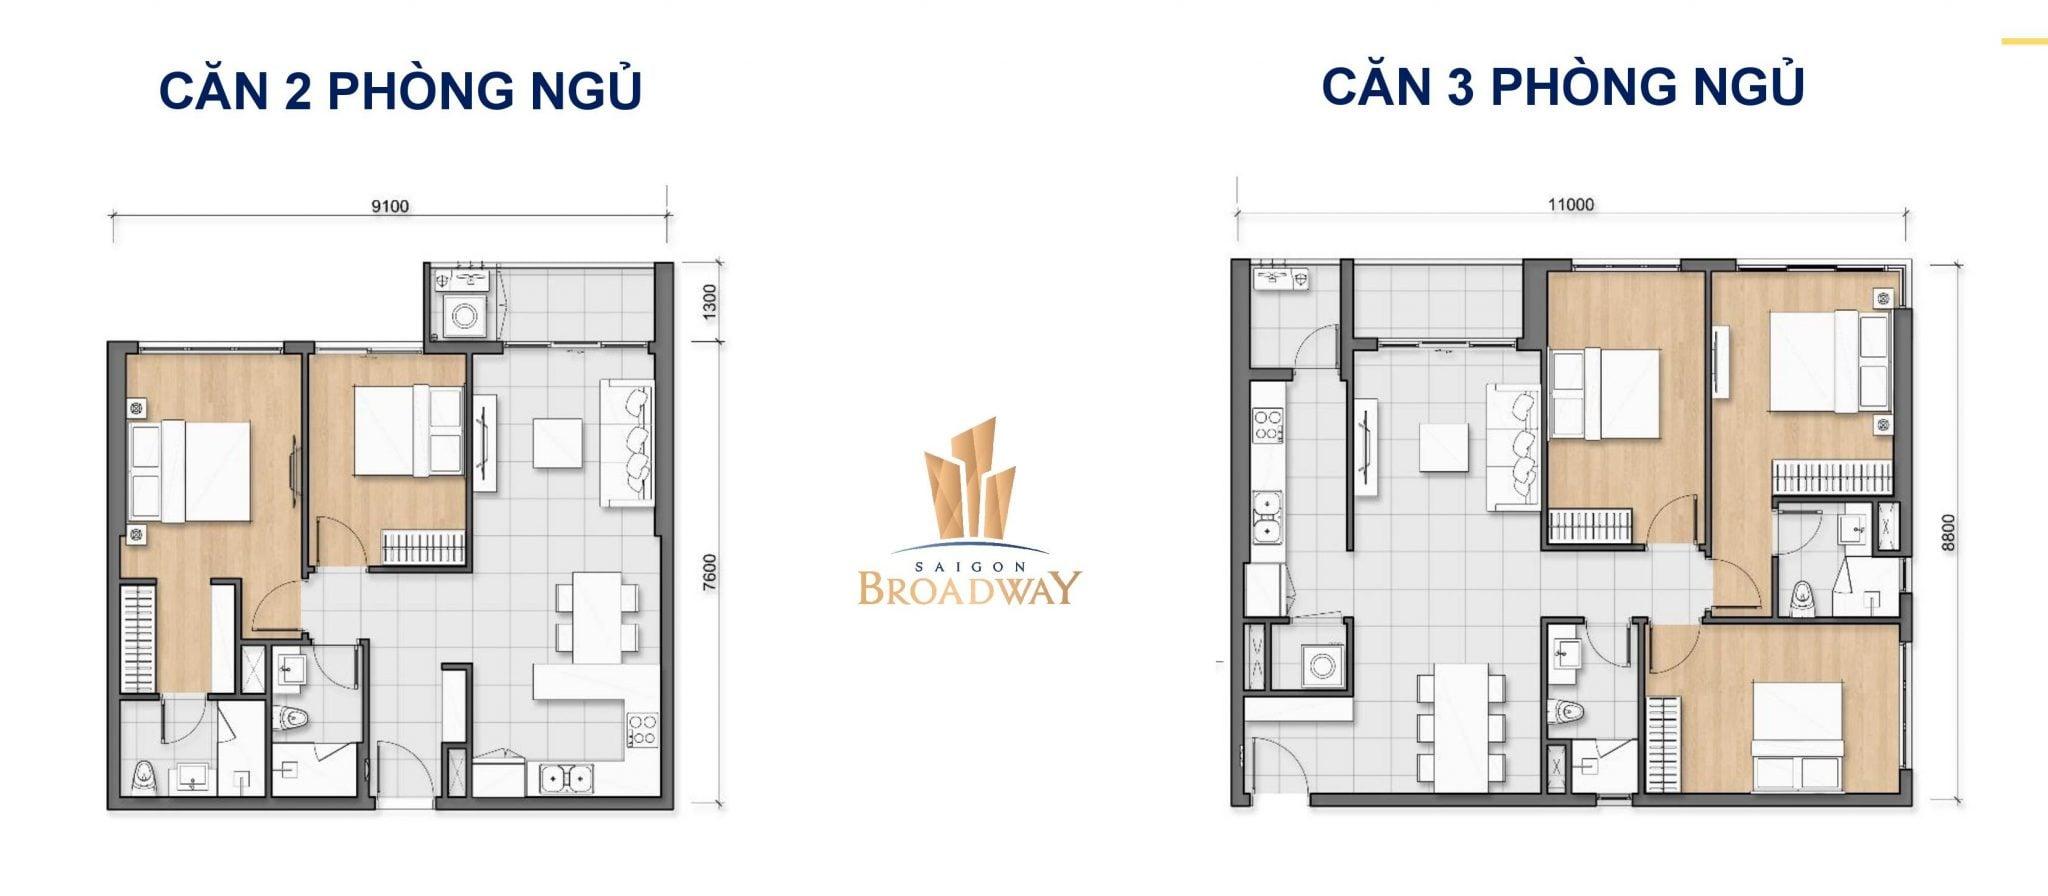 layout can ho saigon broadway quan 2 - DỰ ÁN CĂN HỘ SAIGON BROADWAY NOVALAND QUẬN 2